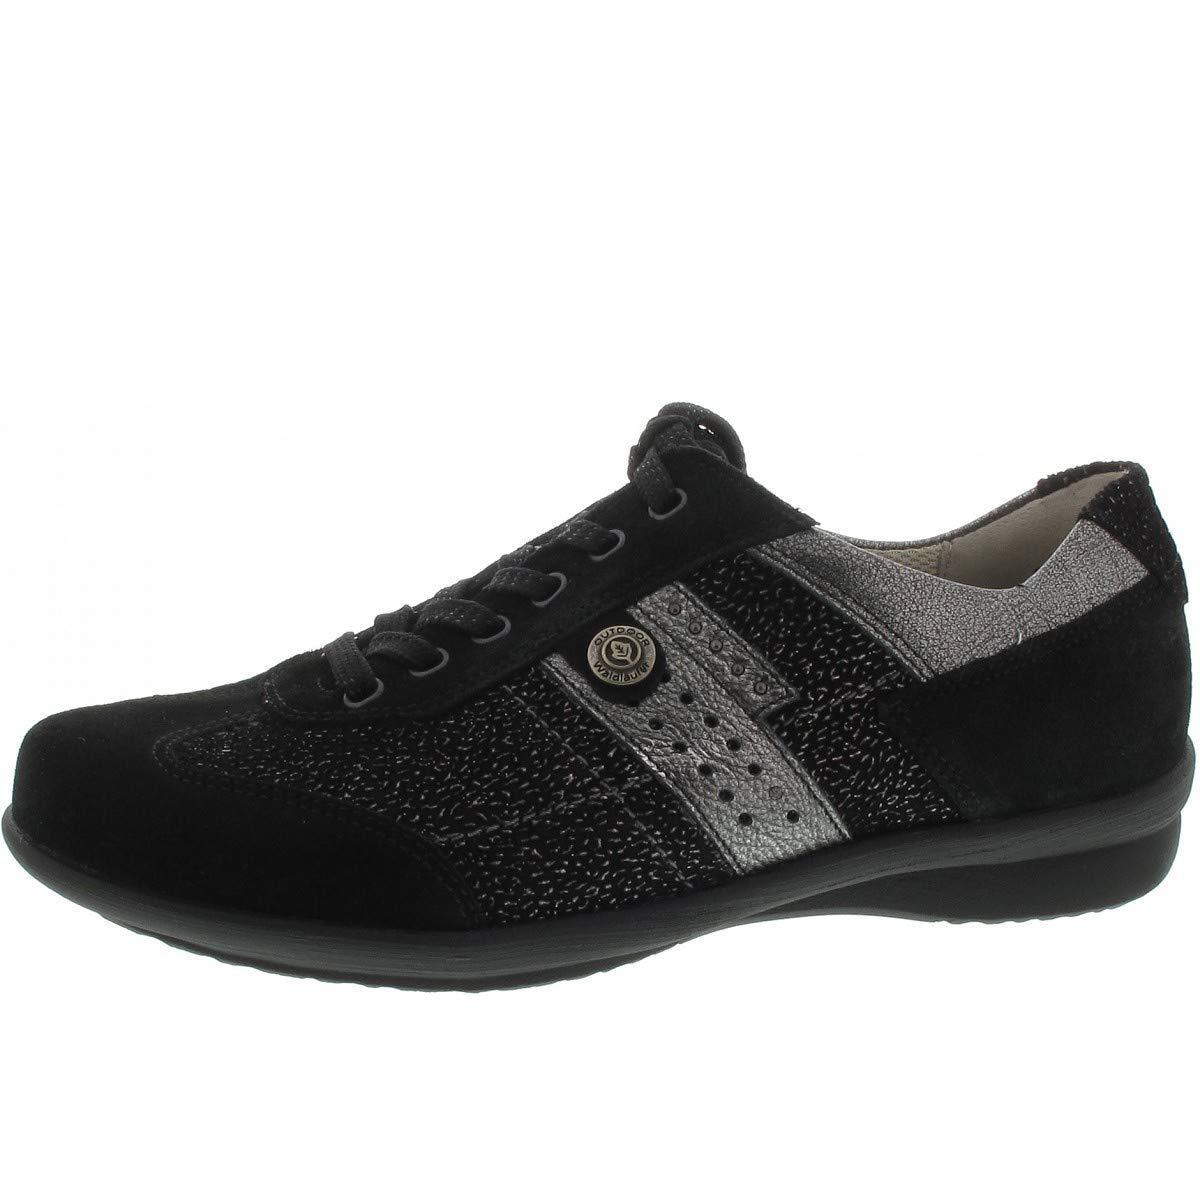 Waldläufer 214008-317-564 - Zapatos de Cordones Para Mujer 38.5 negro